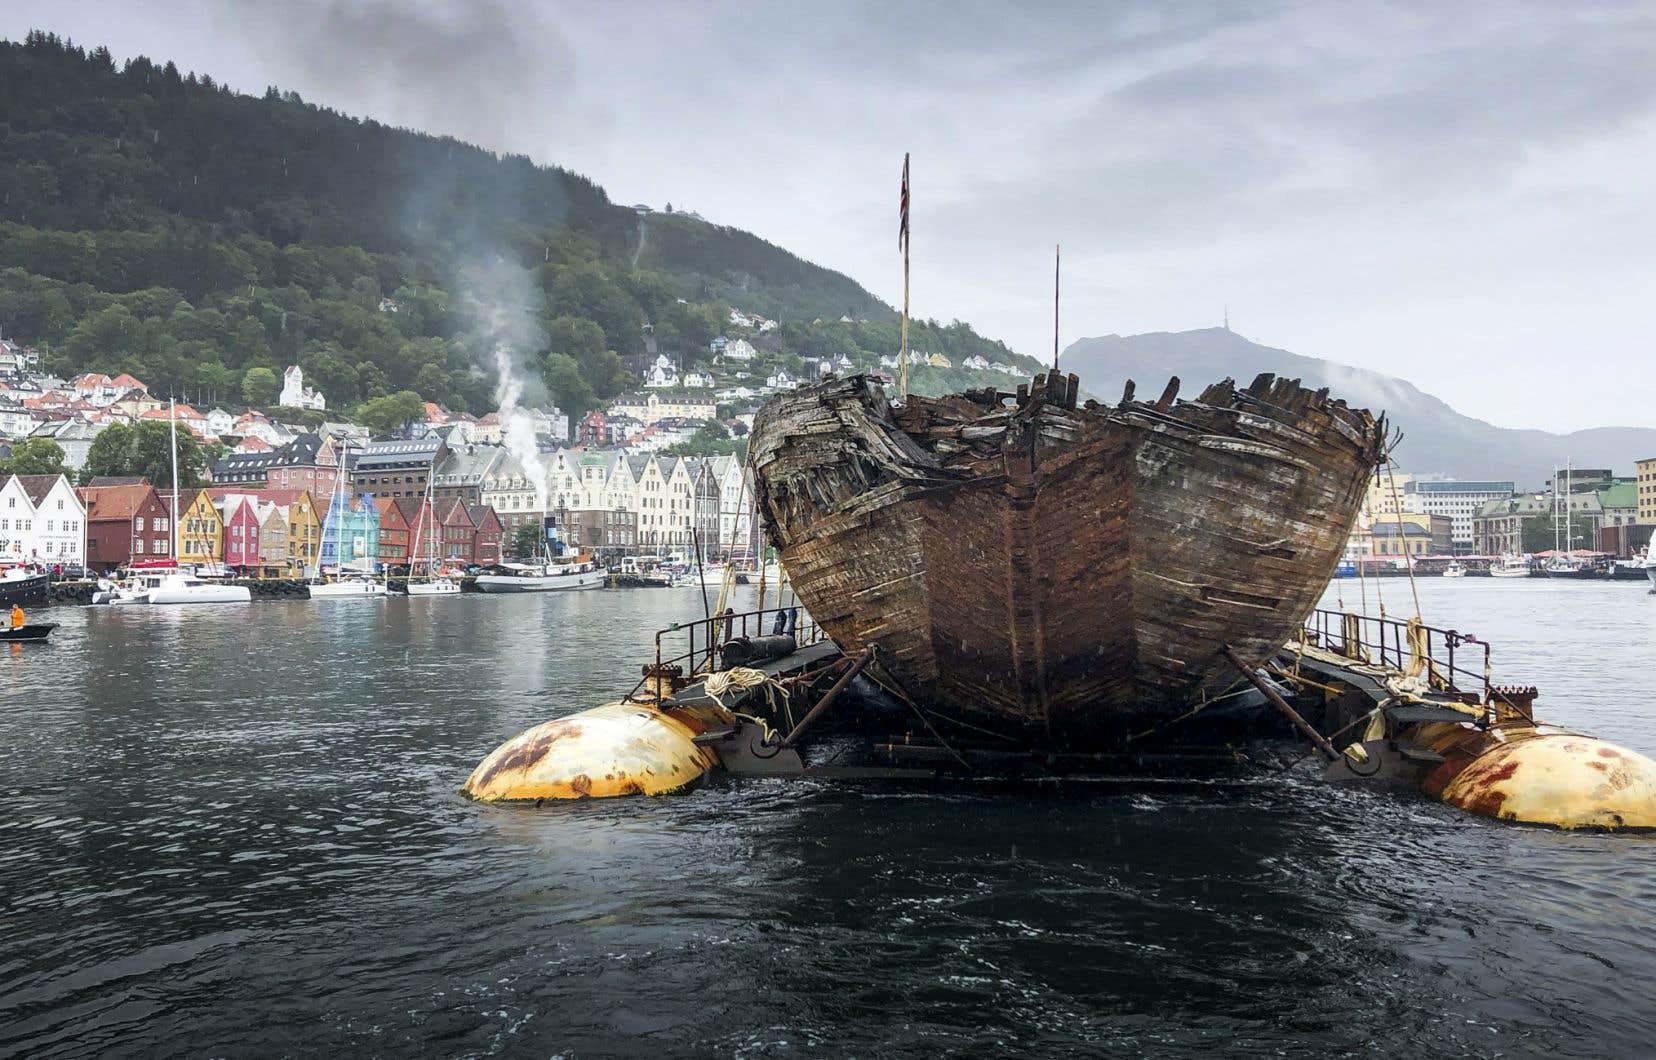 Relique des expéditions polaires norvégiennes, le <em>Maud</em> a été remonté à la surface en 2016 après 85 années passées dans les eaux du Grand Nord canadien.